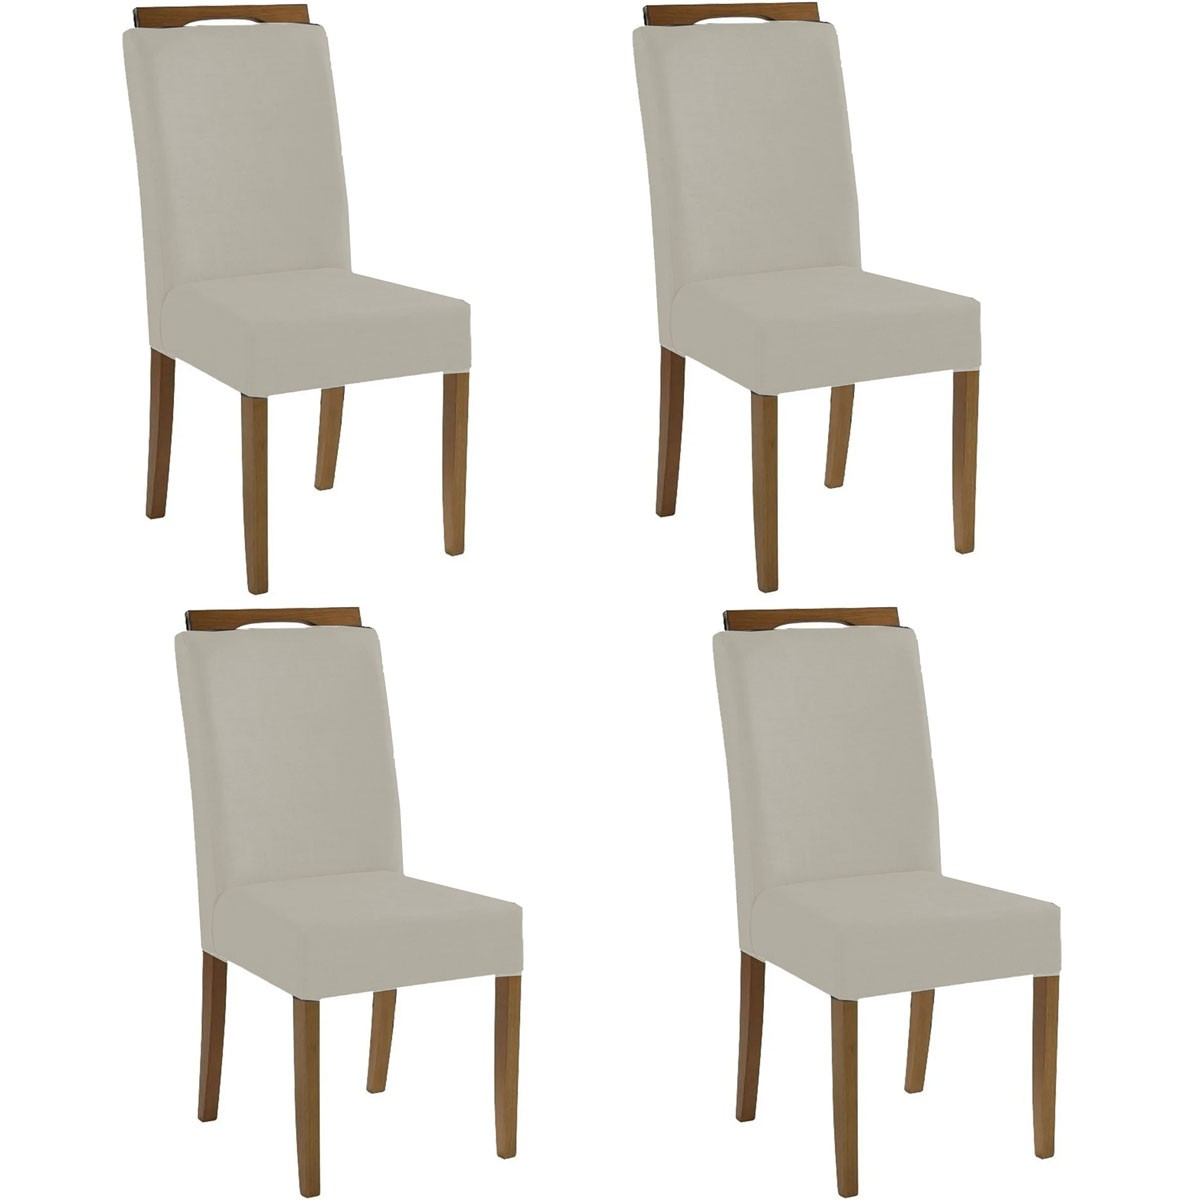 Kit 4 Cadeiras Estofadas Fabiana 100% Madeira Suede Bege